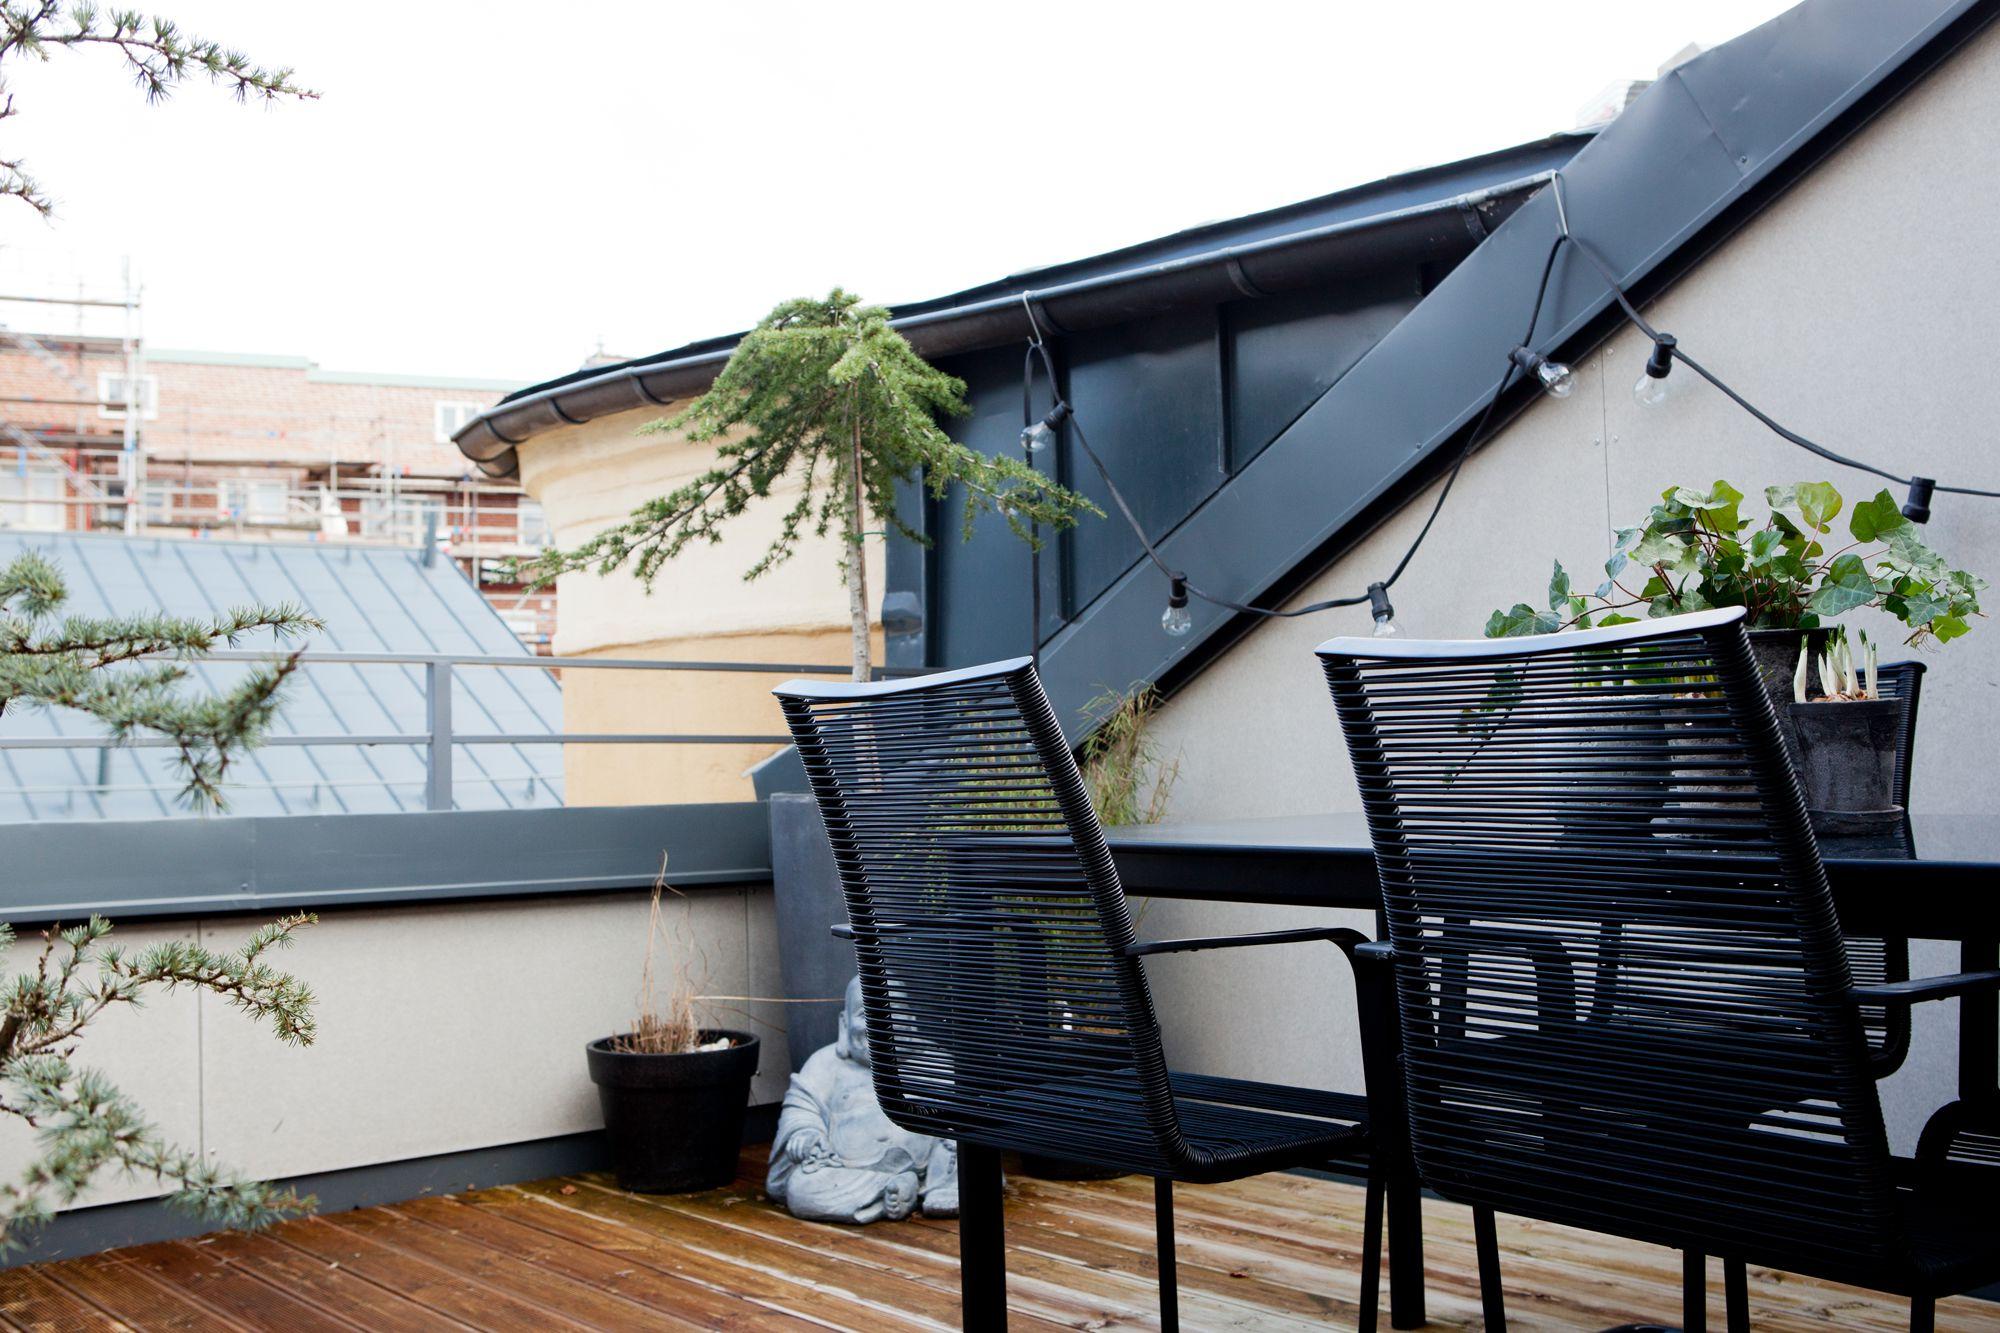 D Plex Con Terraza Blog Tienda Decoraci N Estilo N Rdico  ~ Decoracion Terrazas Aticos Fotos